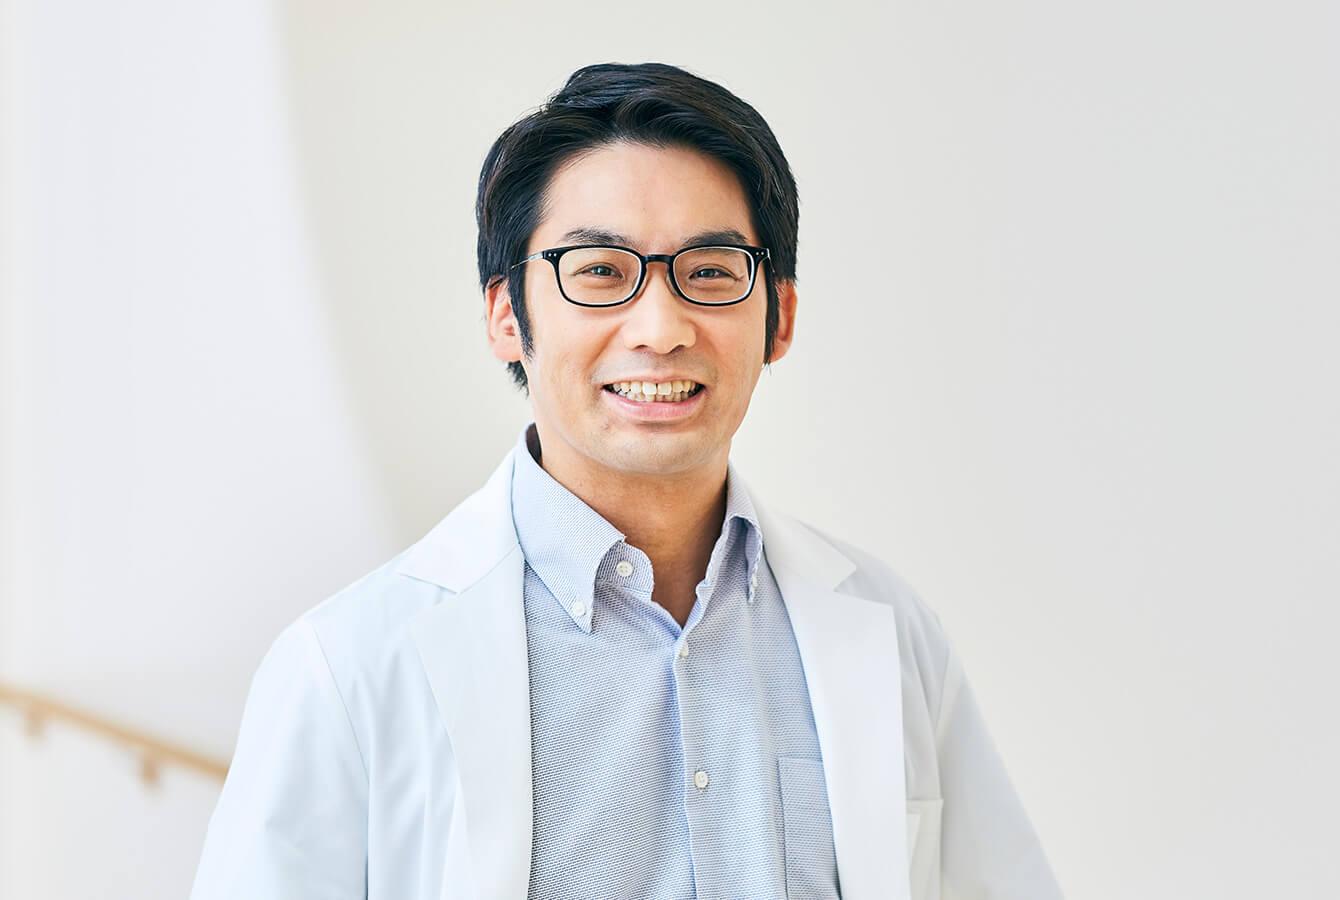 内視鏡機器開発室医員 依田 雄介の写真